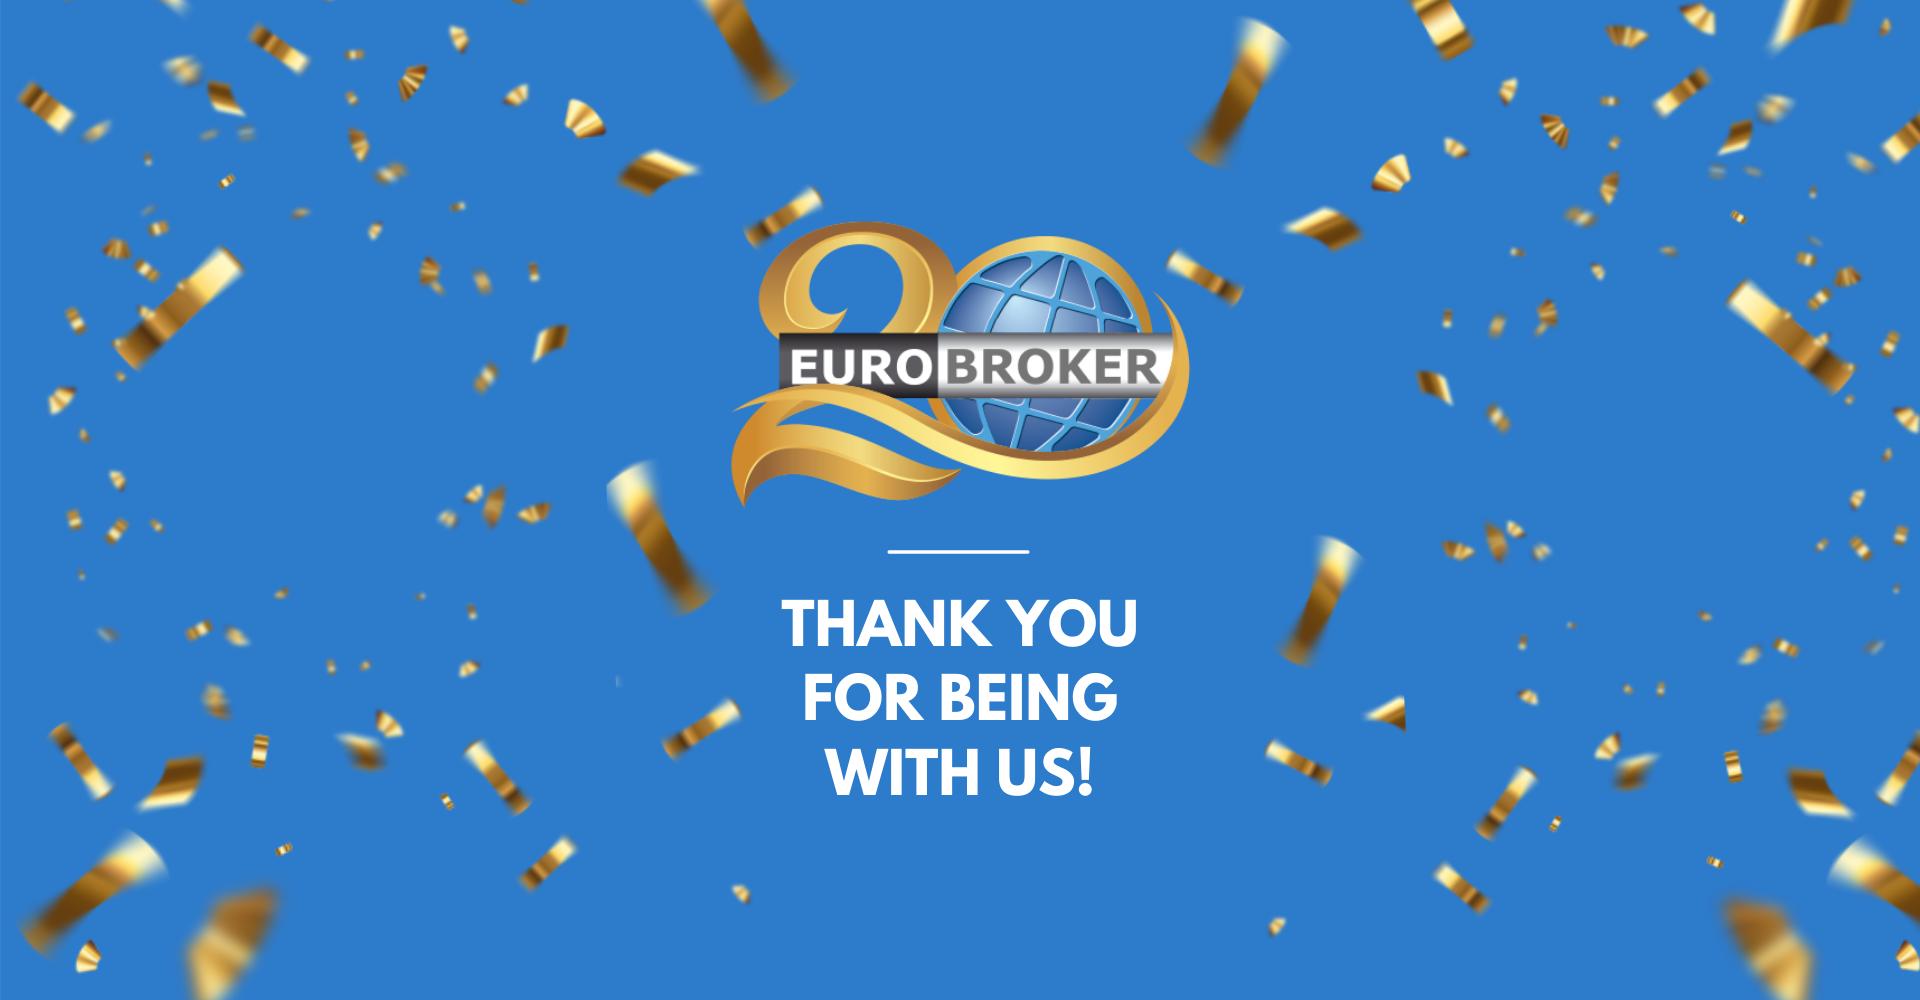 web-slider-1920x1000px-eurobroker_20_godina_eng